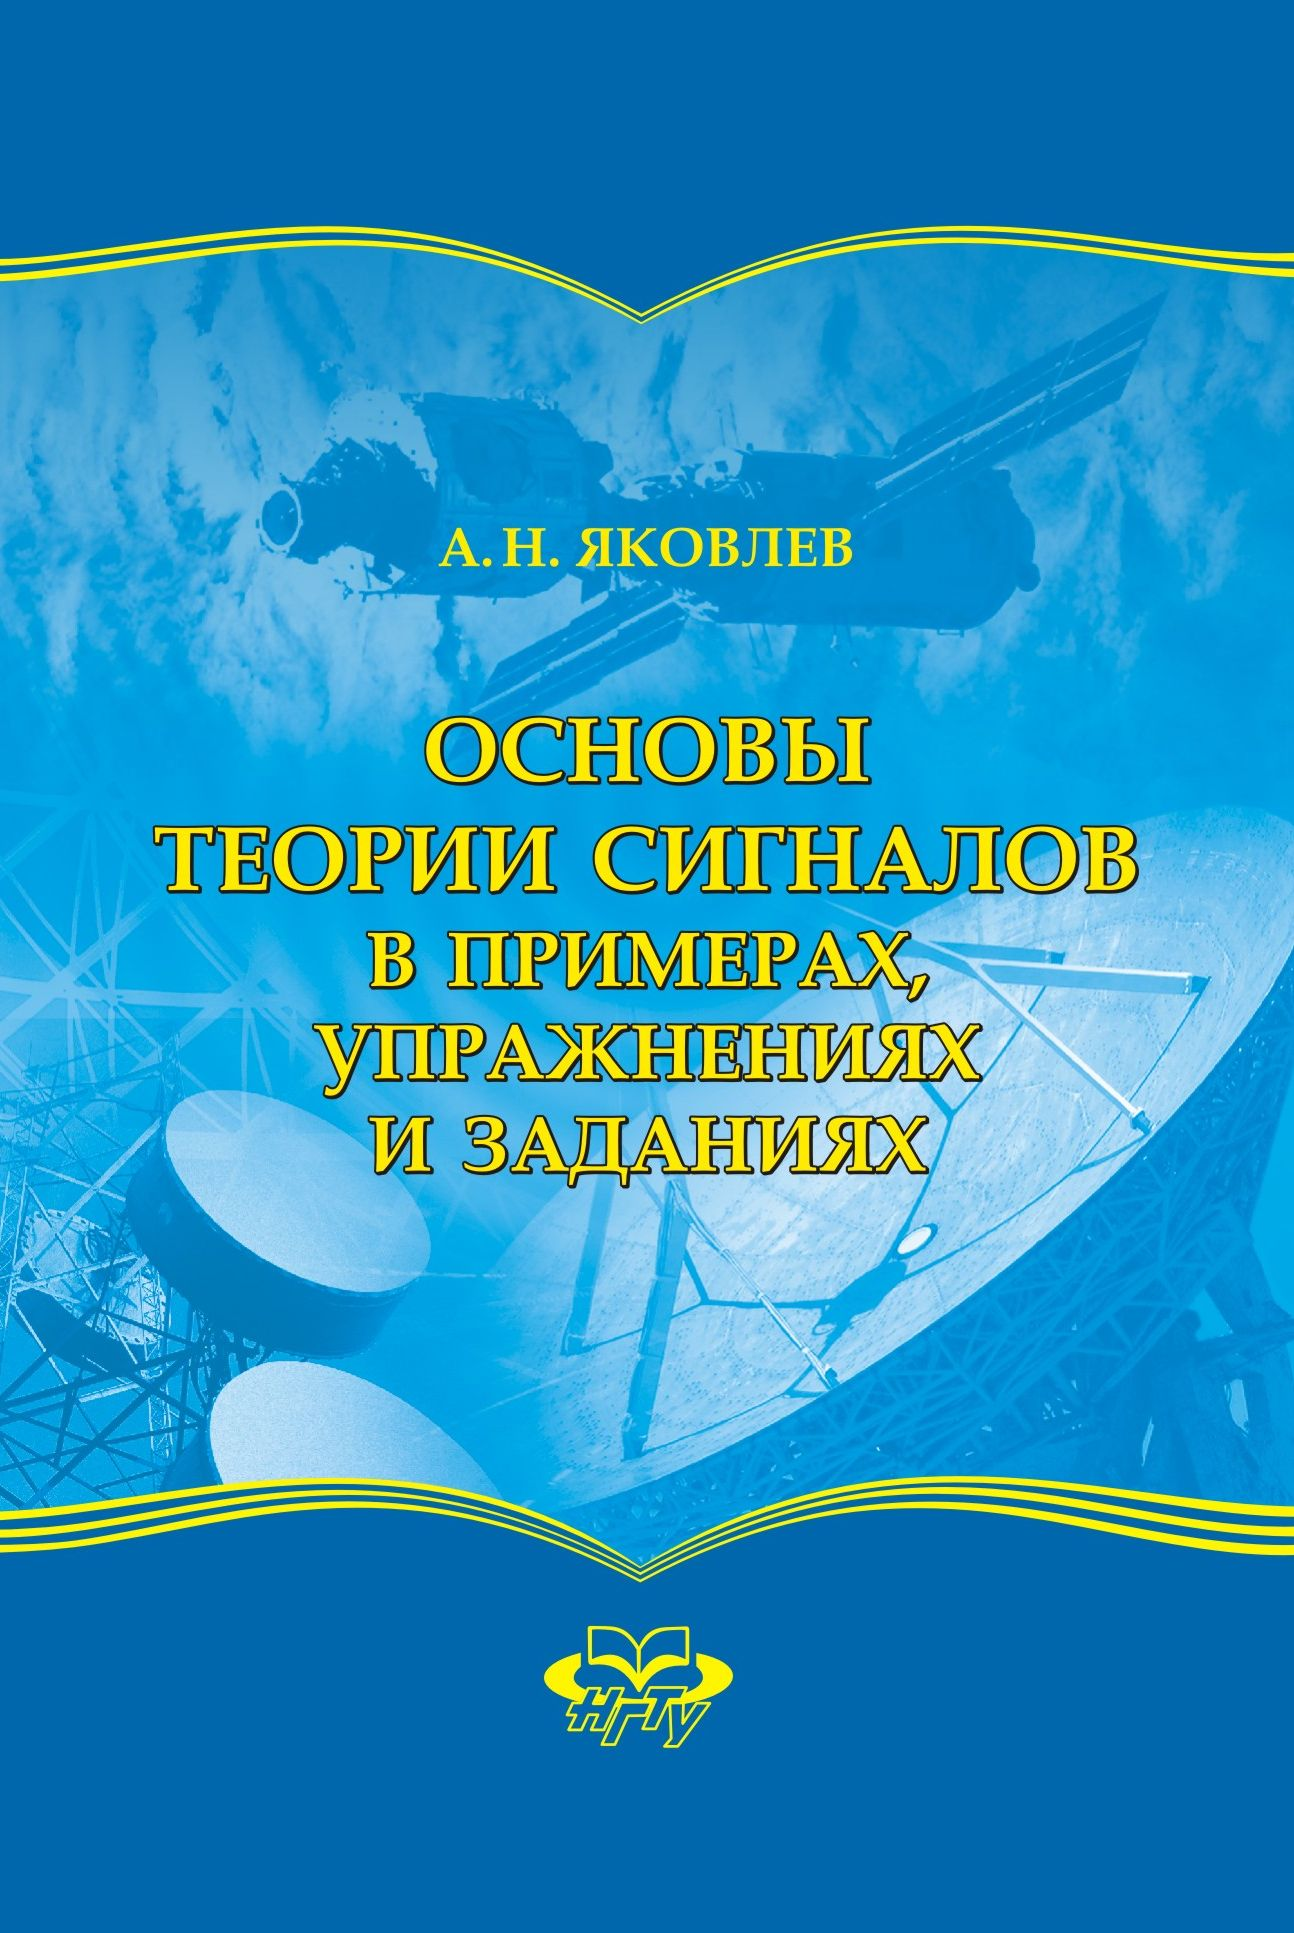 Альберт Яковлев Основы теории сигналов в примерах, упражнениях и заданиях